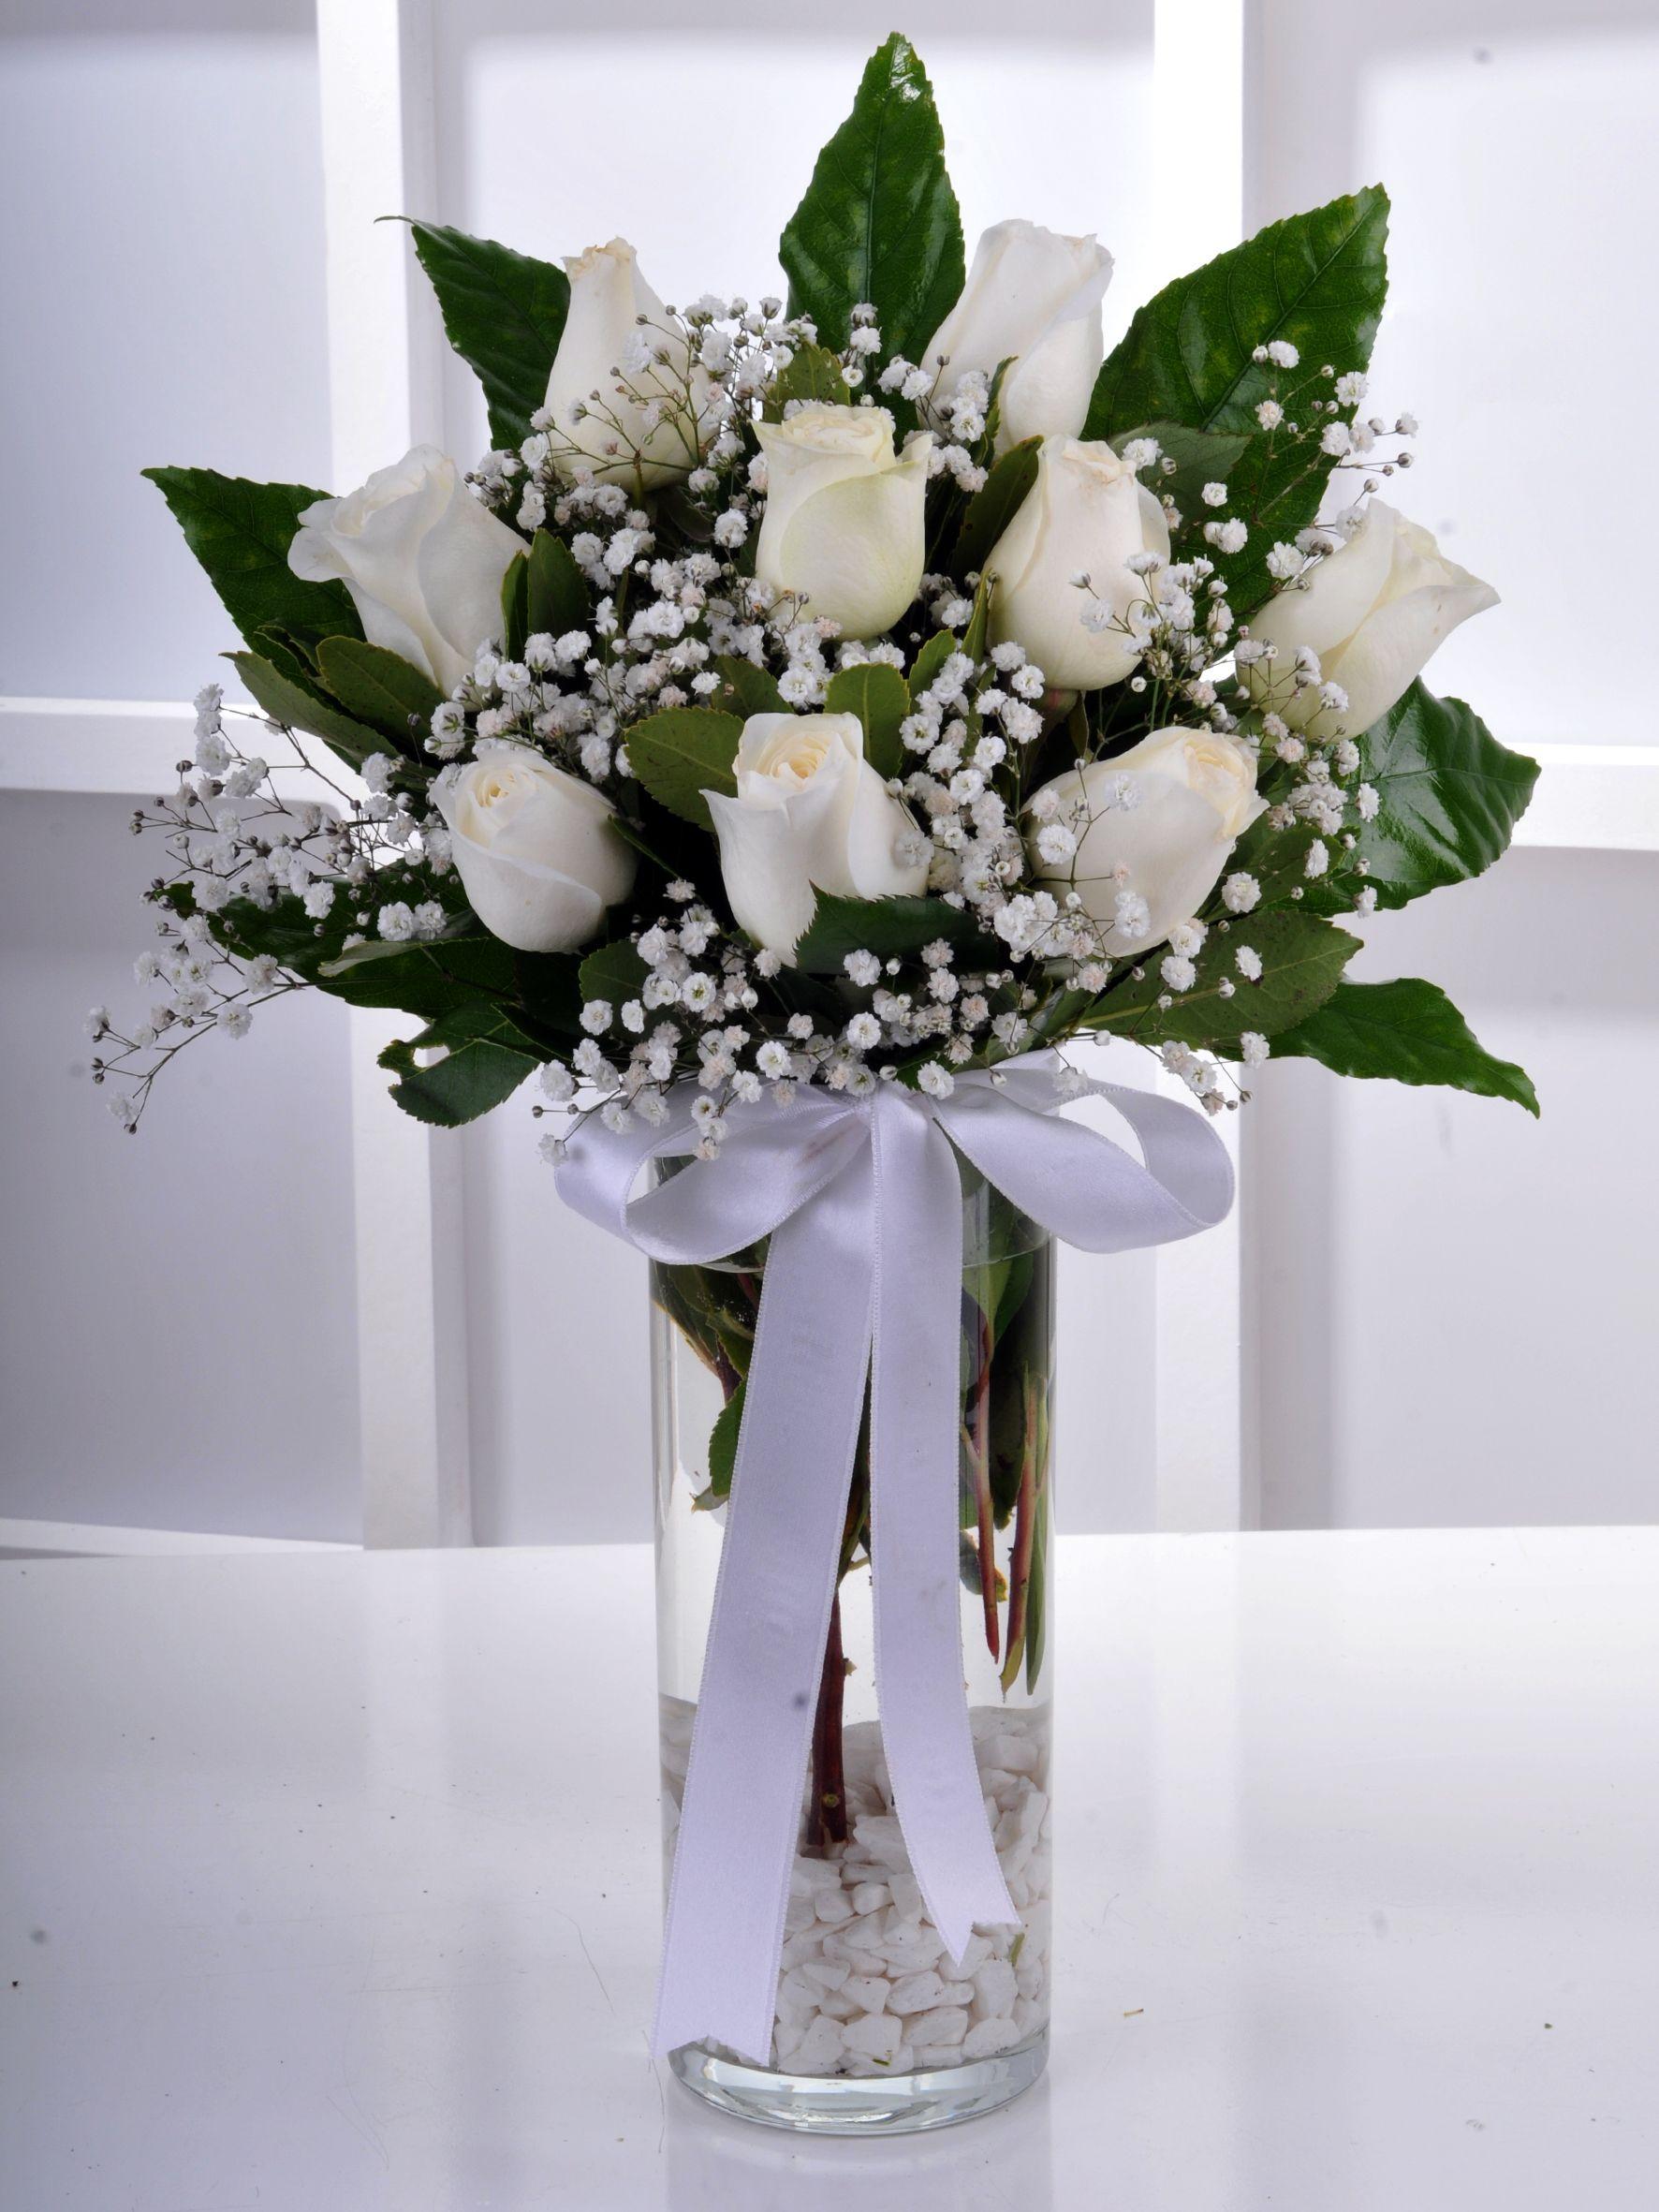 Adiyaman çiçek Adıyamanda çiçekçi Adıyaman çiçek Siparişi